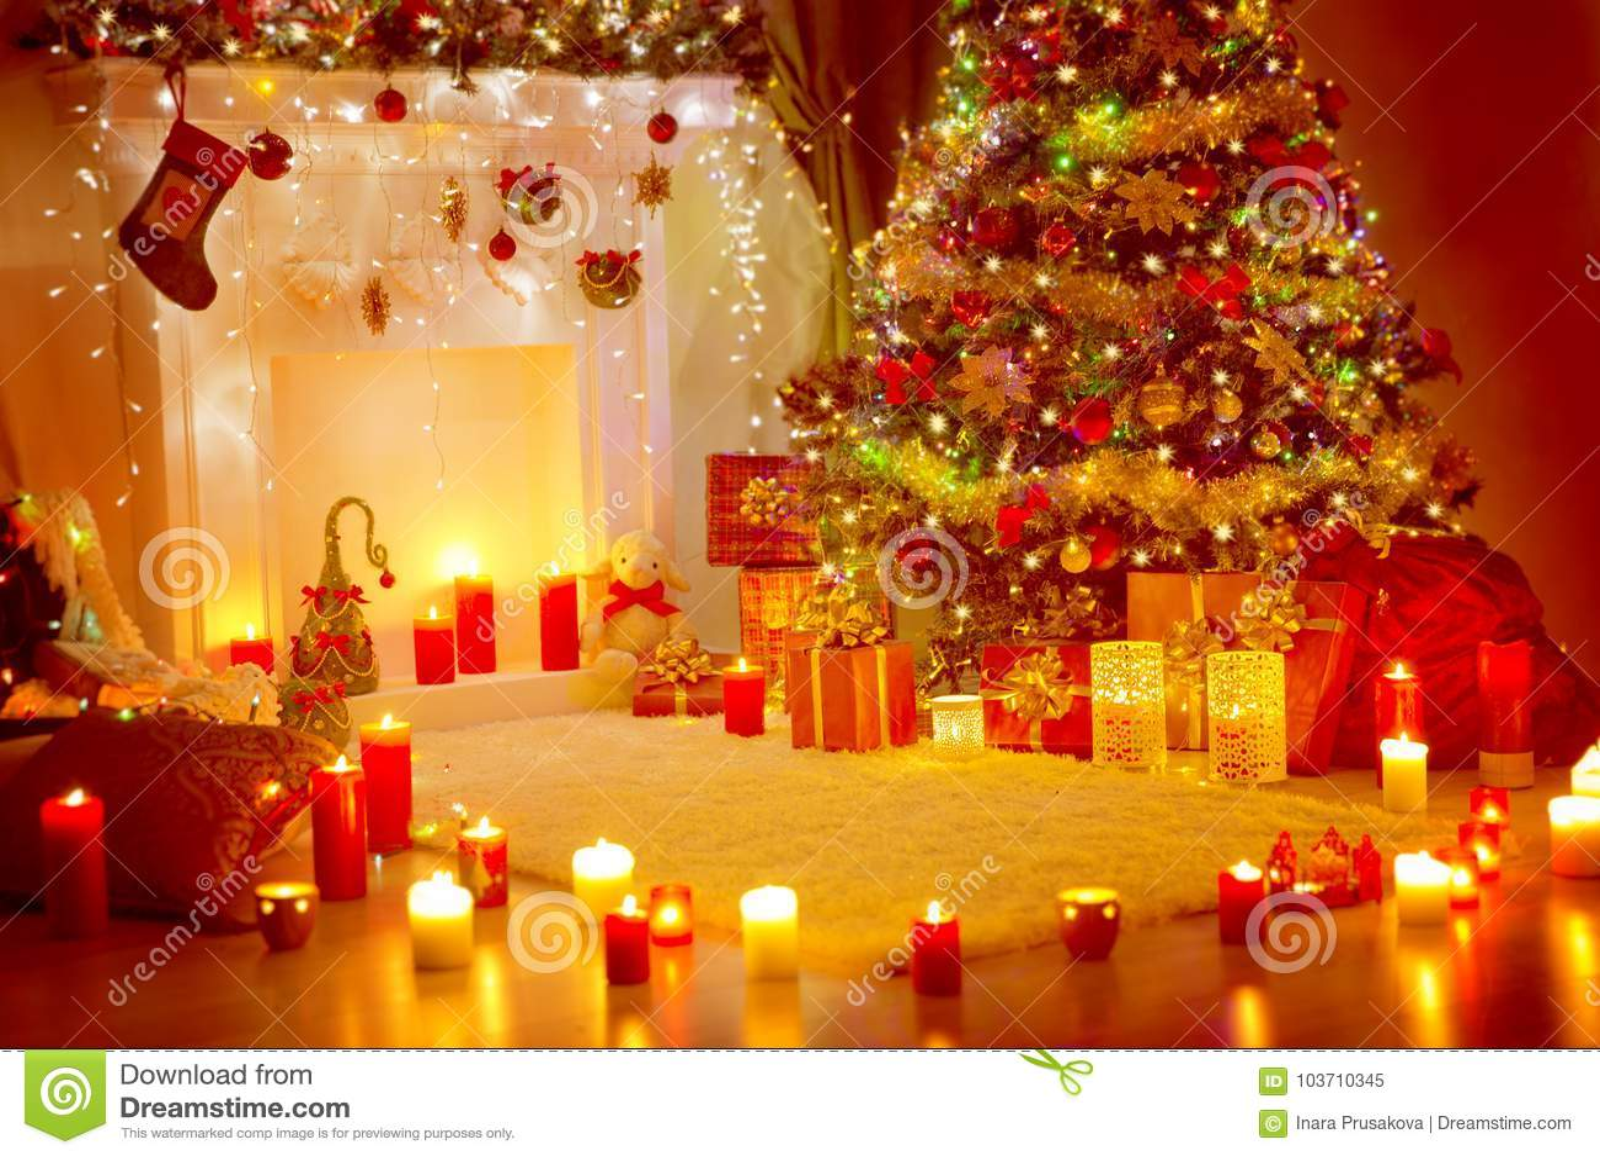 Weihnachtsbaum, Geschenk-Geschenke Und Kamin, Ferienhaus-Raum ...